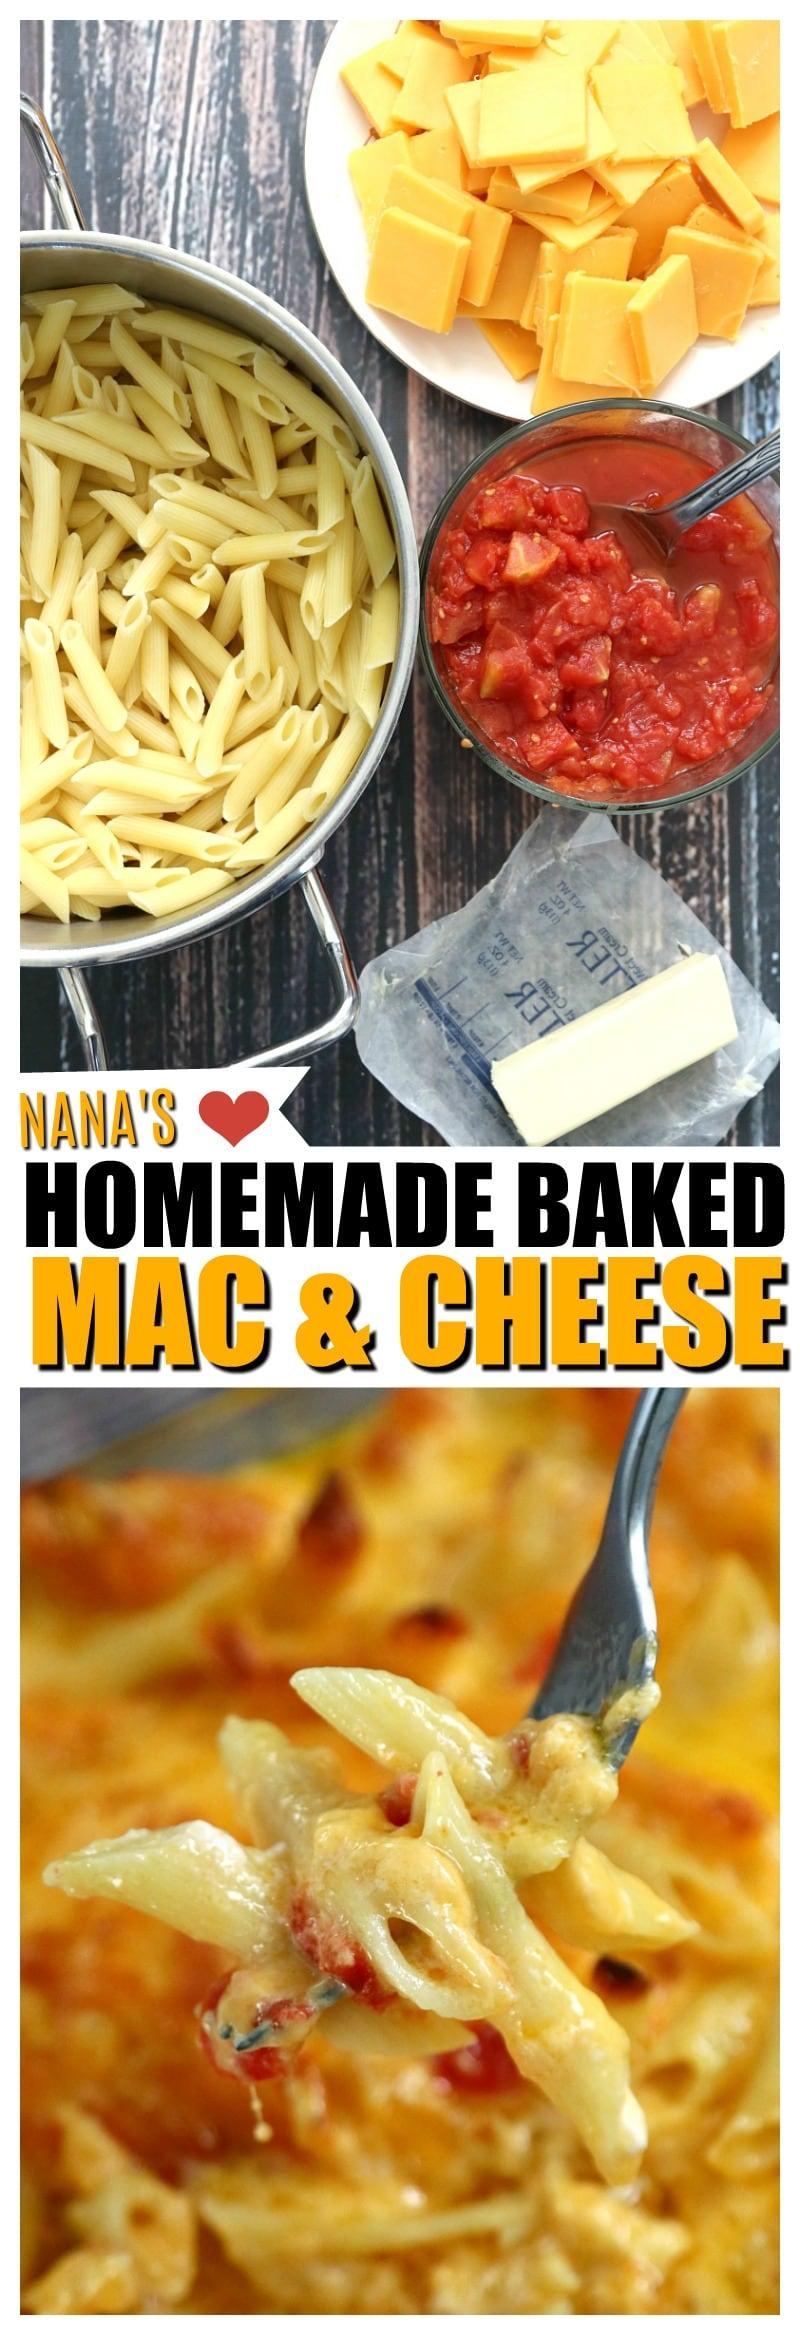 Nana's Homemade Baked Macaroni and Cheese recipe